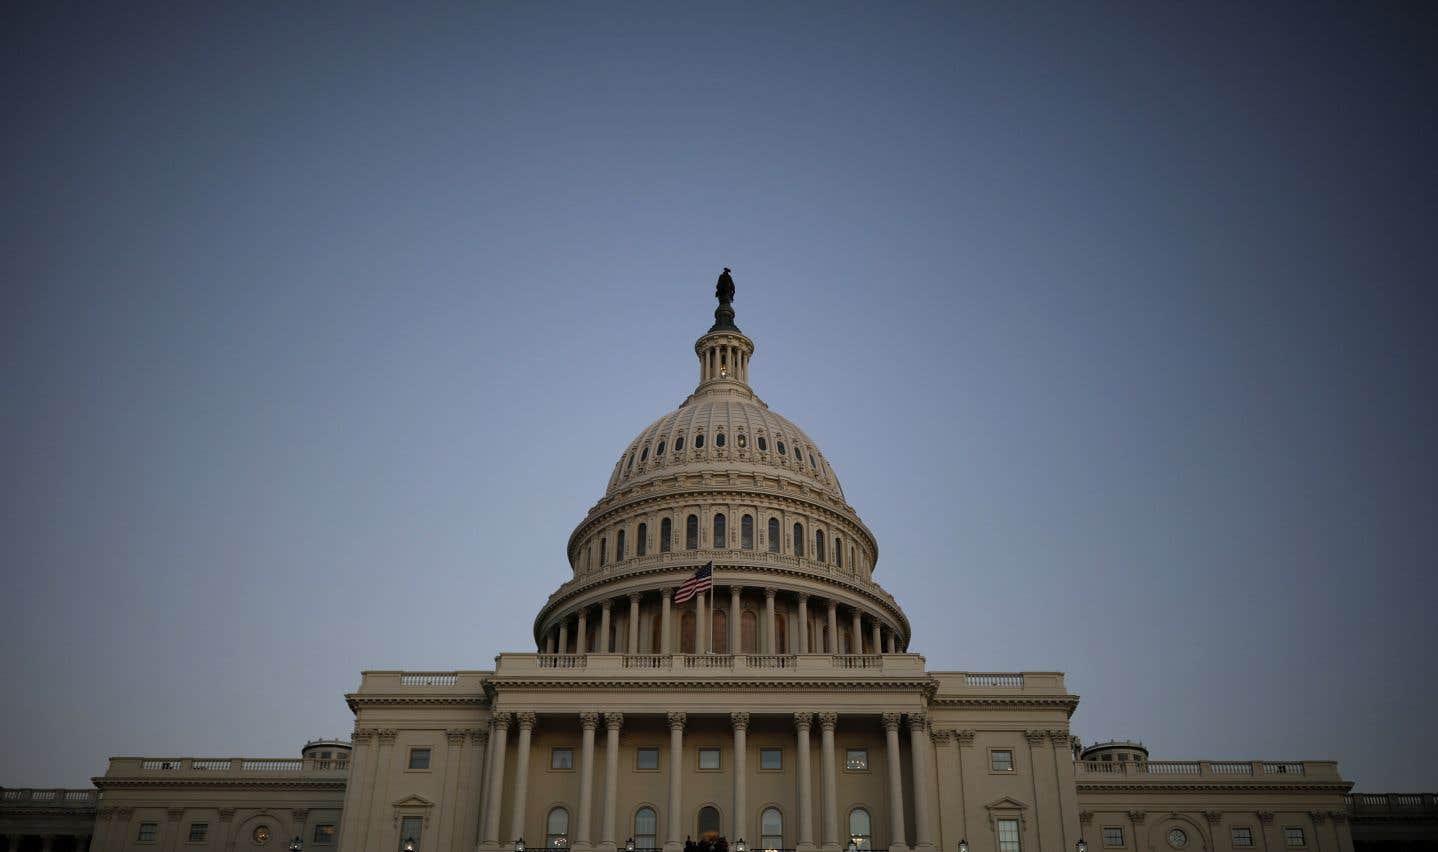 Les agences fédérales américaines ferment